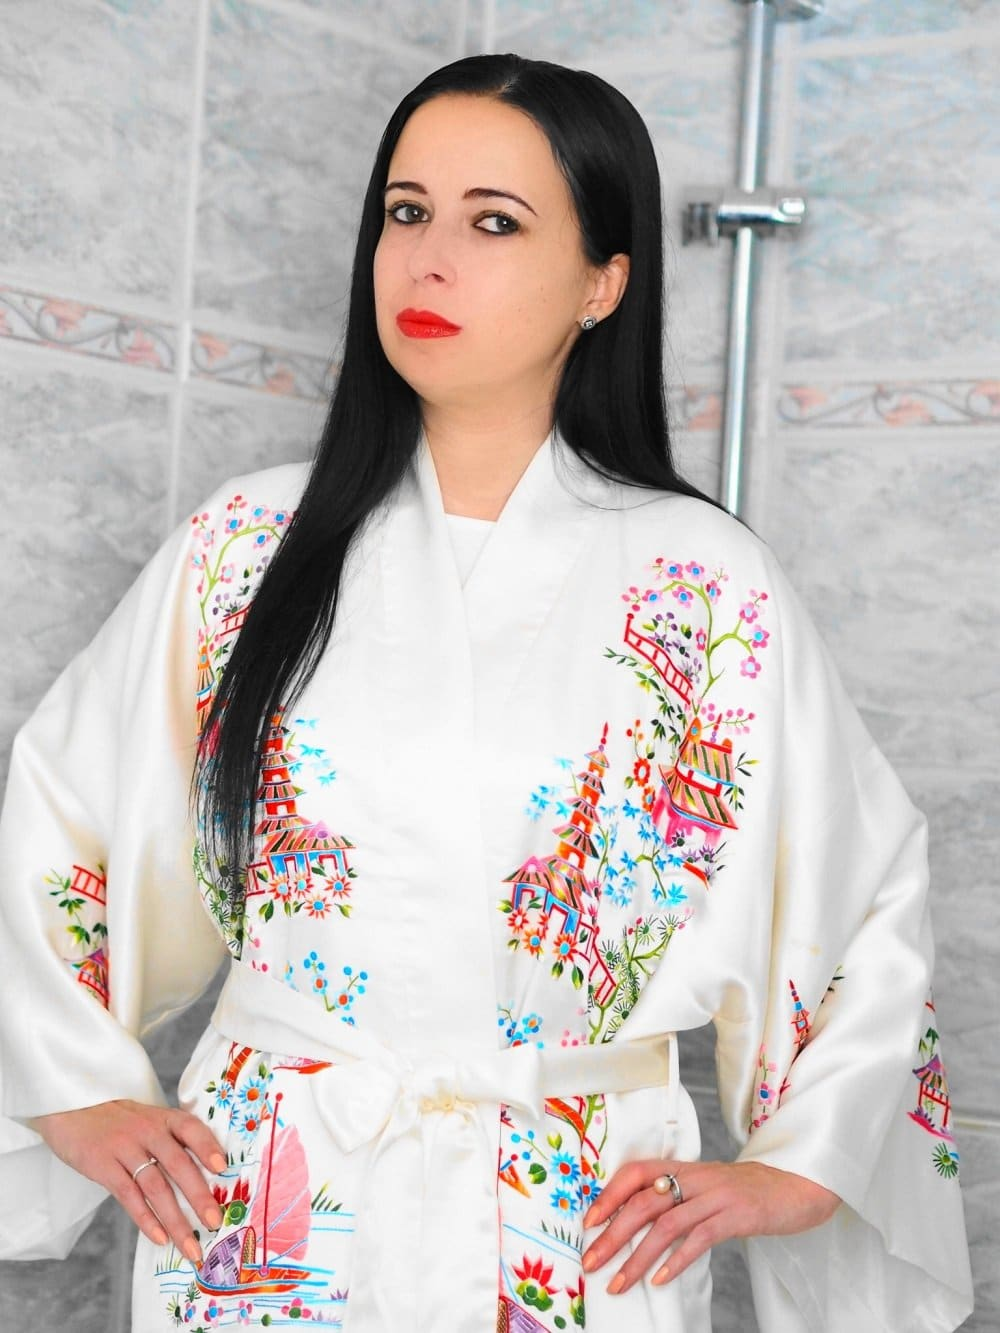 Heute zeige ich euch auf meinem Blog ein Geisha inspiriertes Make Up gemeinsam mit den tollen Produkten von Isabelle Lancray